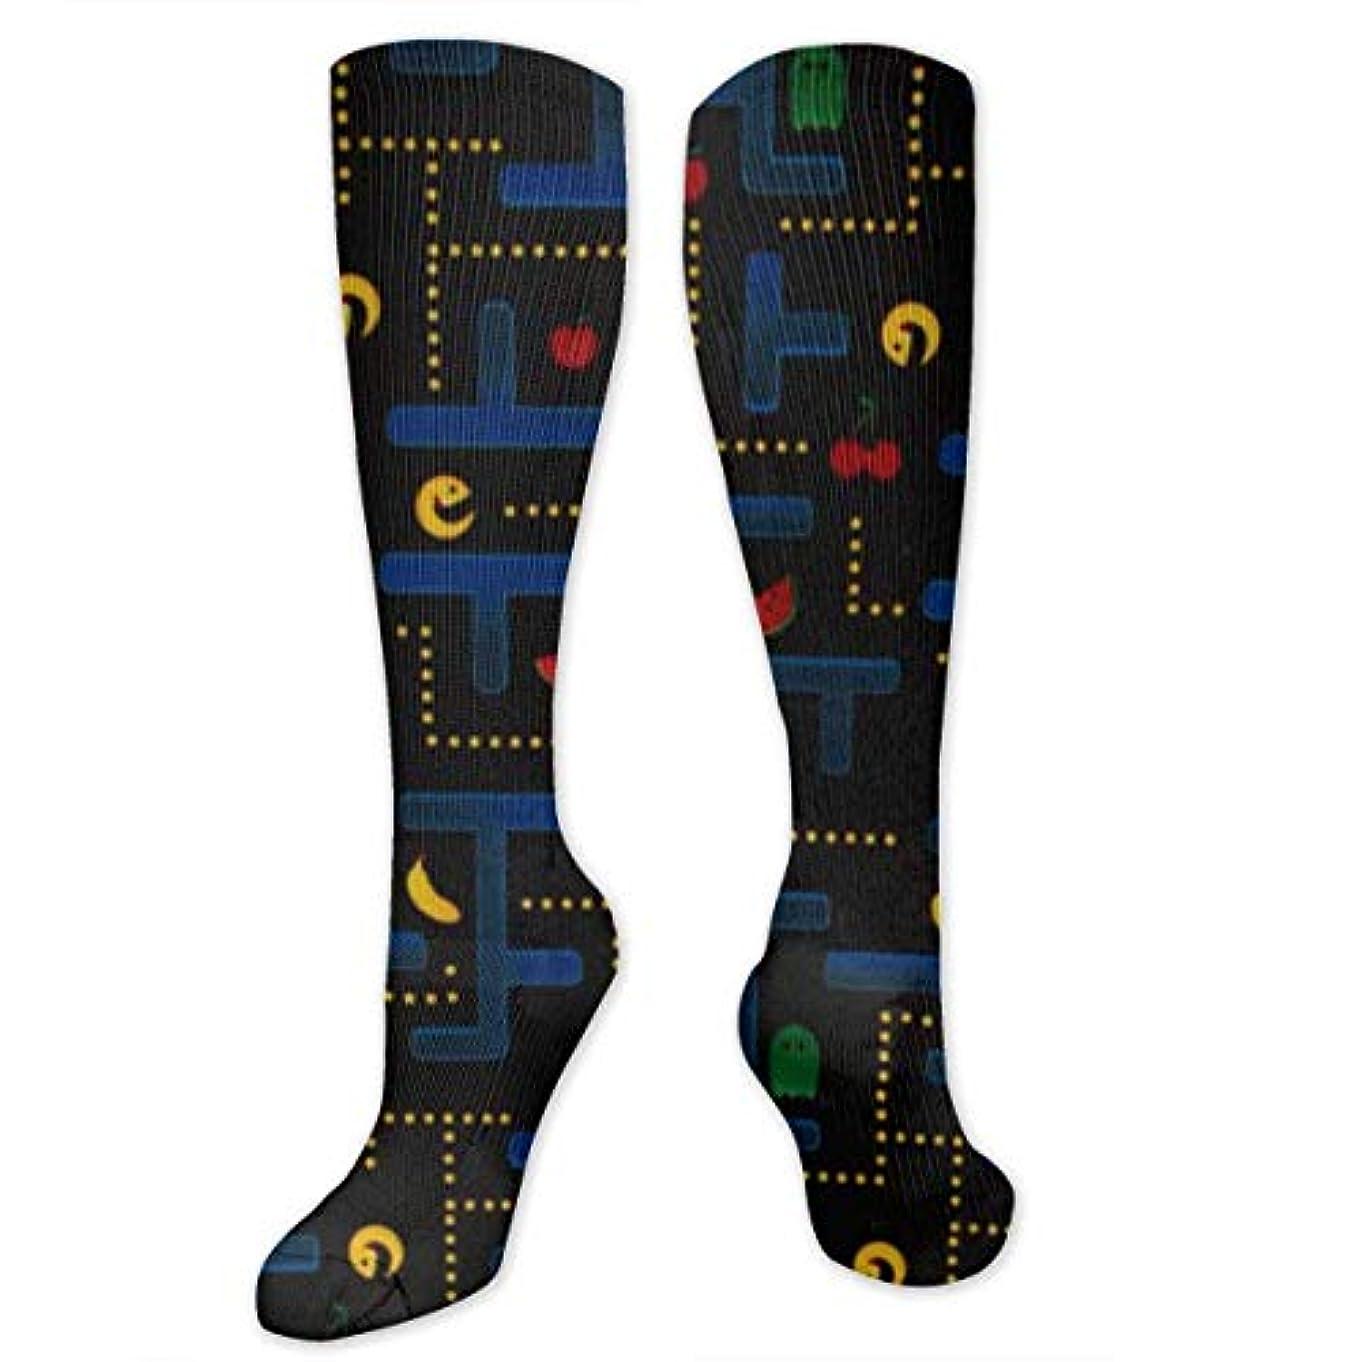 サッカー今ぎこちない靴下,ストッキング,野生のジョーカー,実際,秋の本質,冬必須,サマーウェア&RBXAA Video Game Black Socks Women's Winter Cotton Long Tube Socks Cotton...